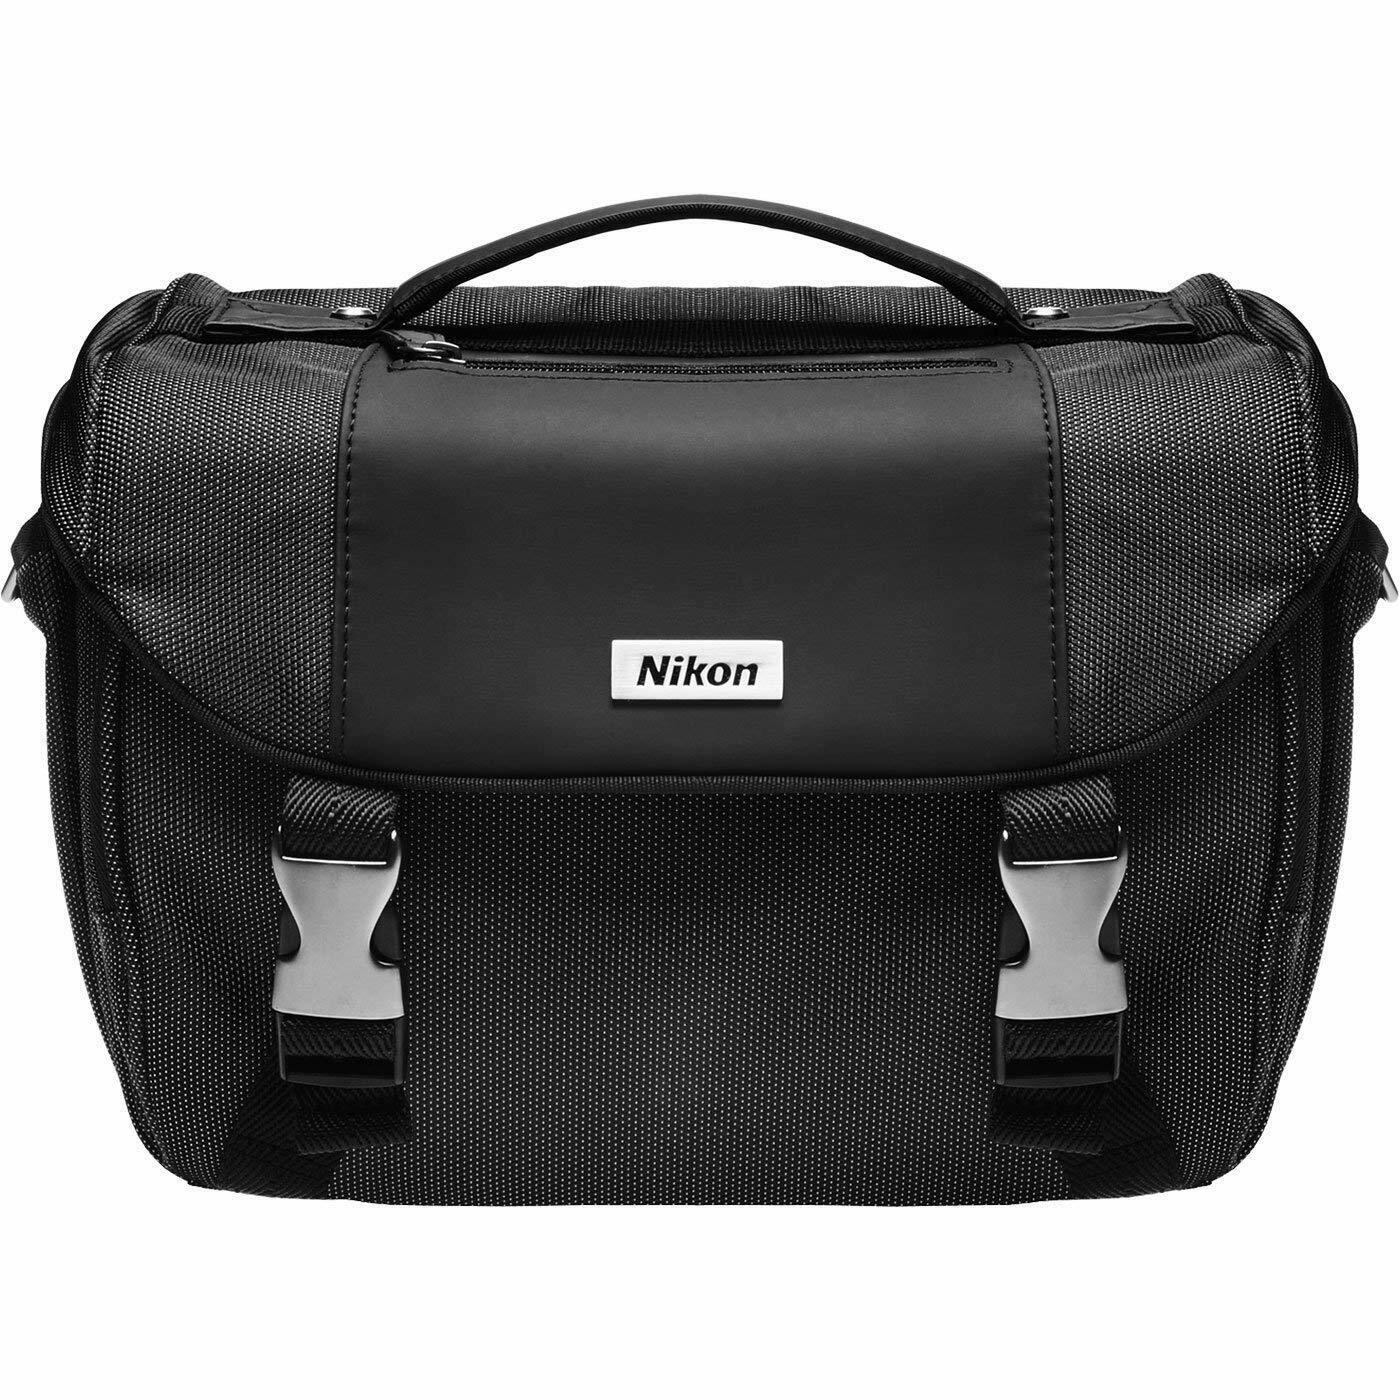 Nikon Large DSLR Camera Gadget Bag with Lens Case for D3200 D3400 D5100 D7100